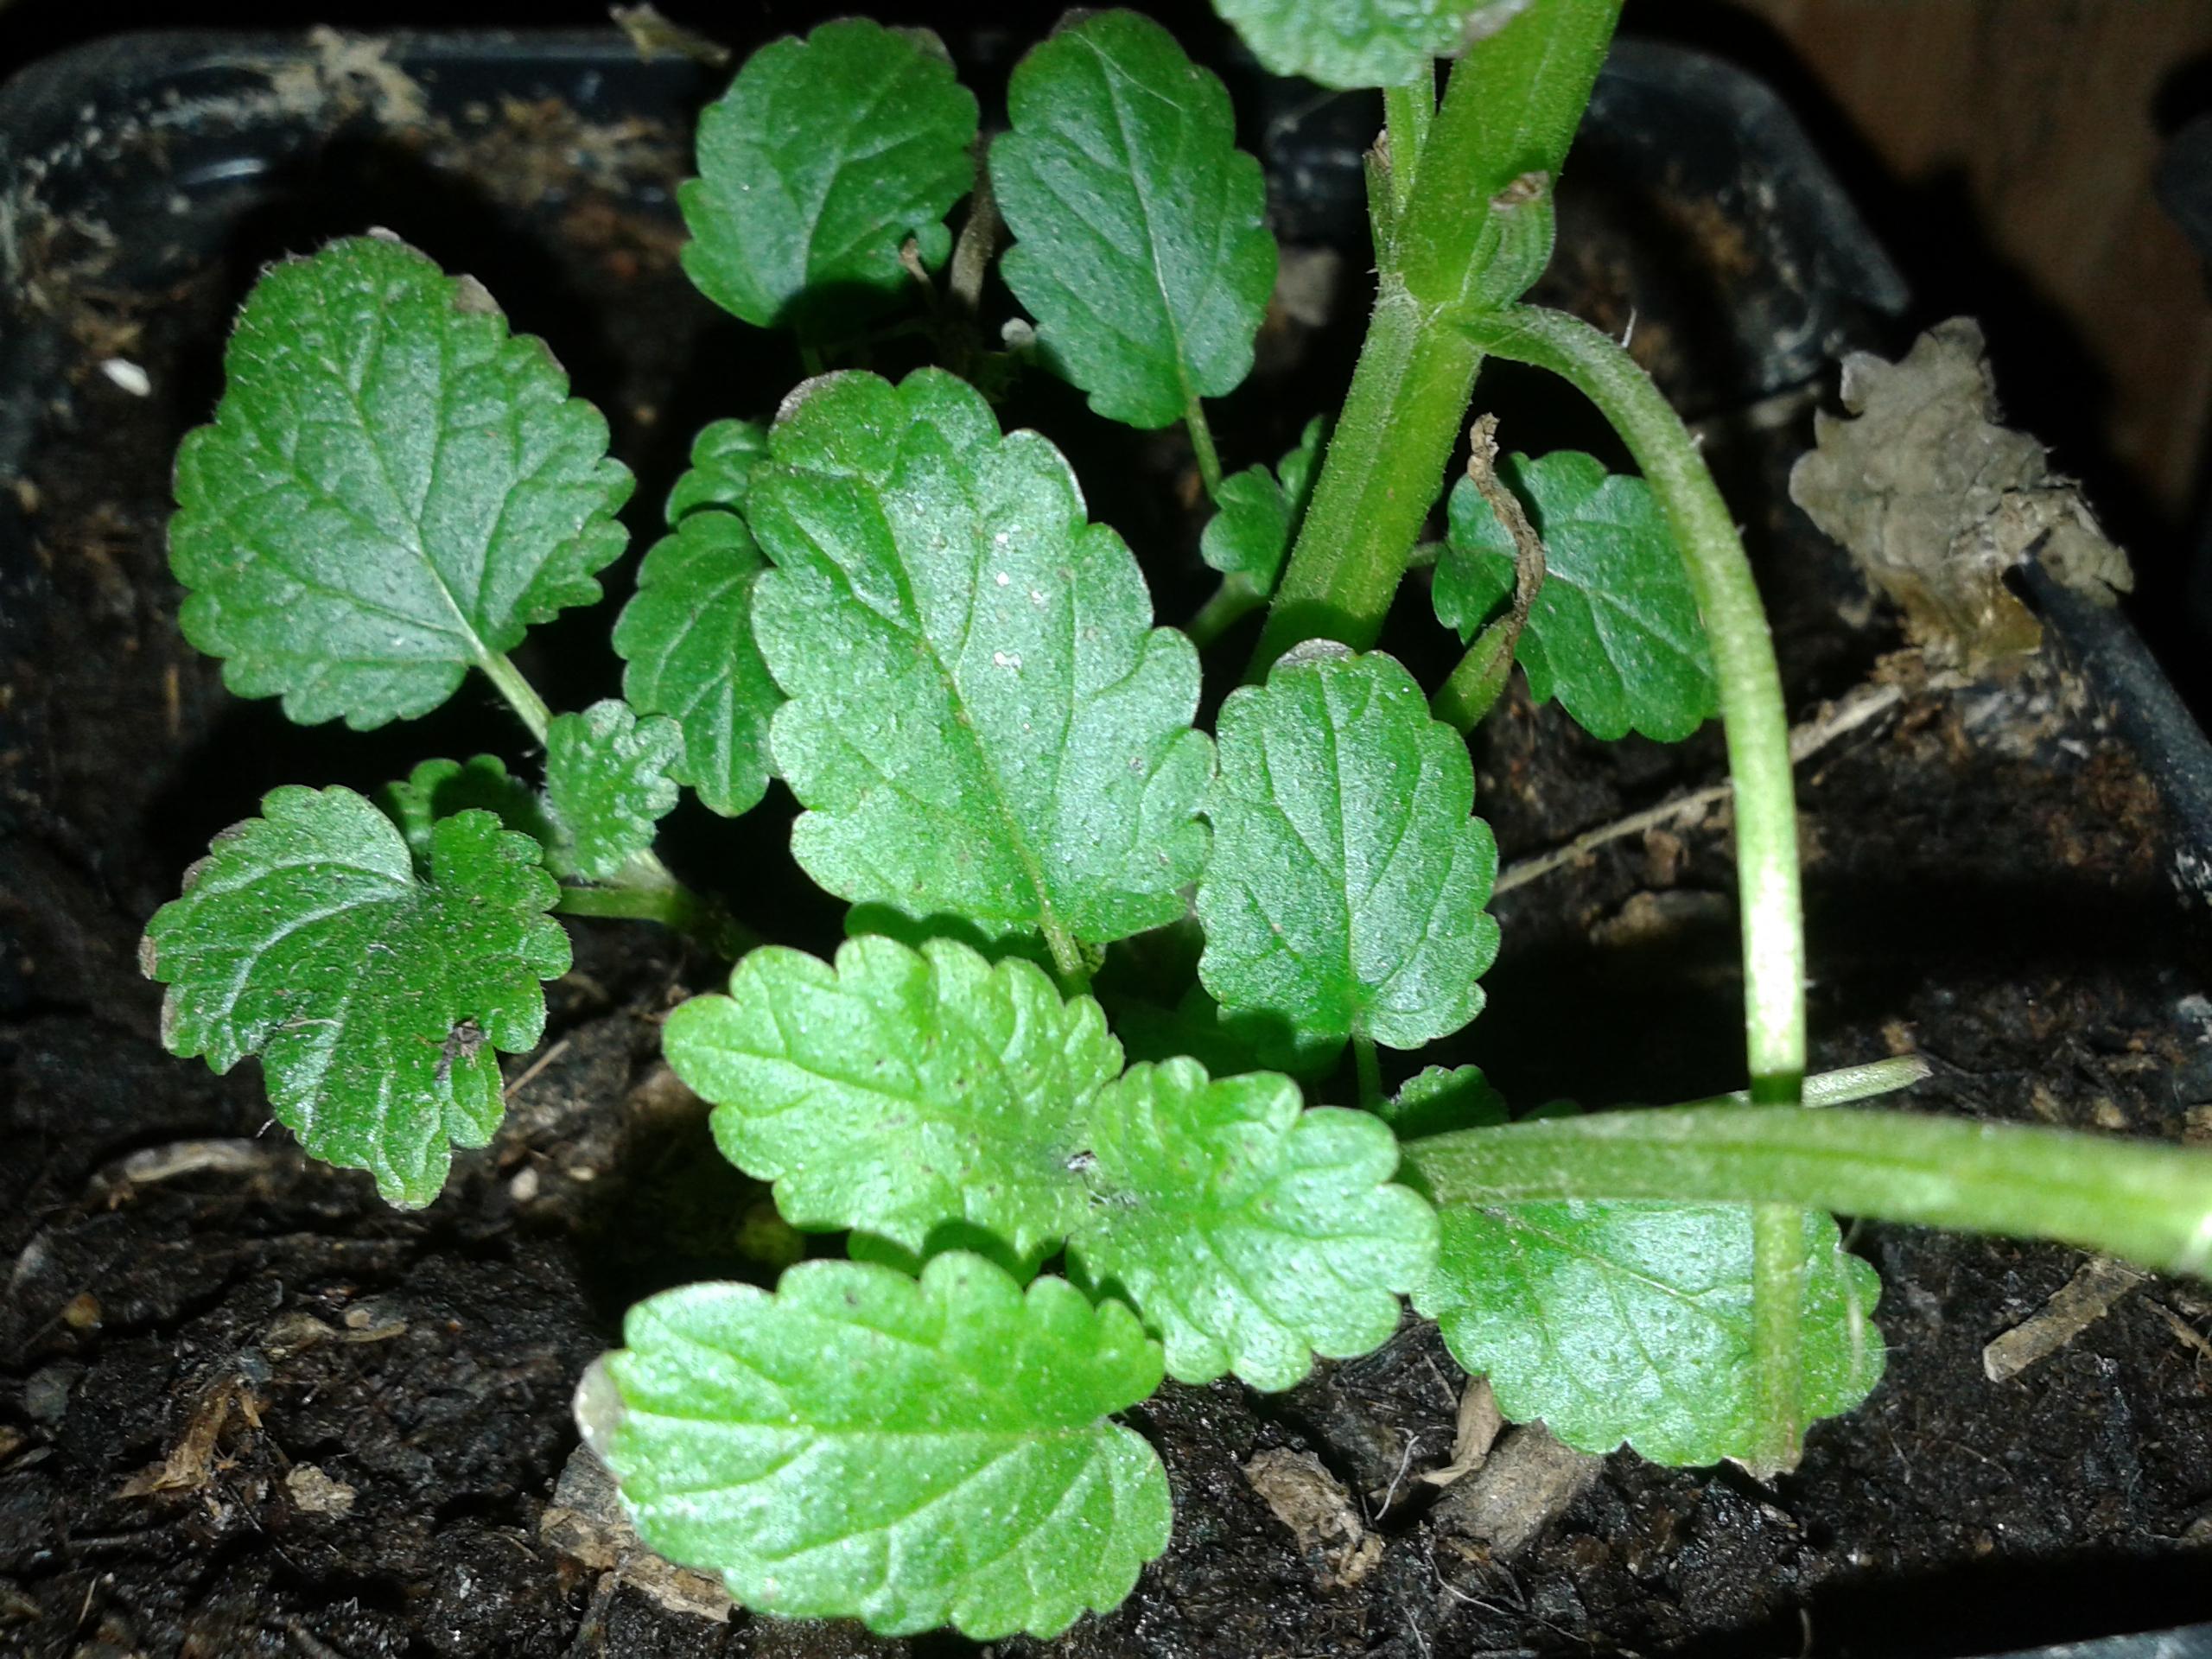 Secretos curativos de las plantas el huerto de urbanoel for Hierbas y plantas medicinales